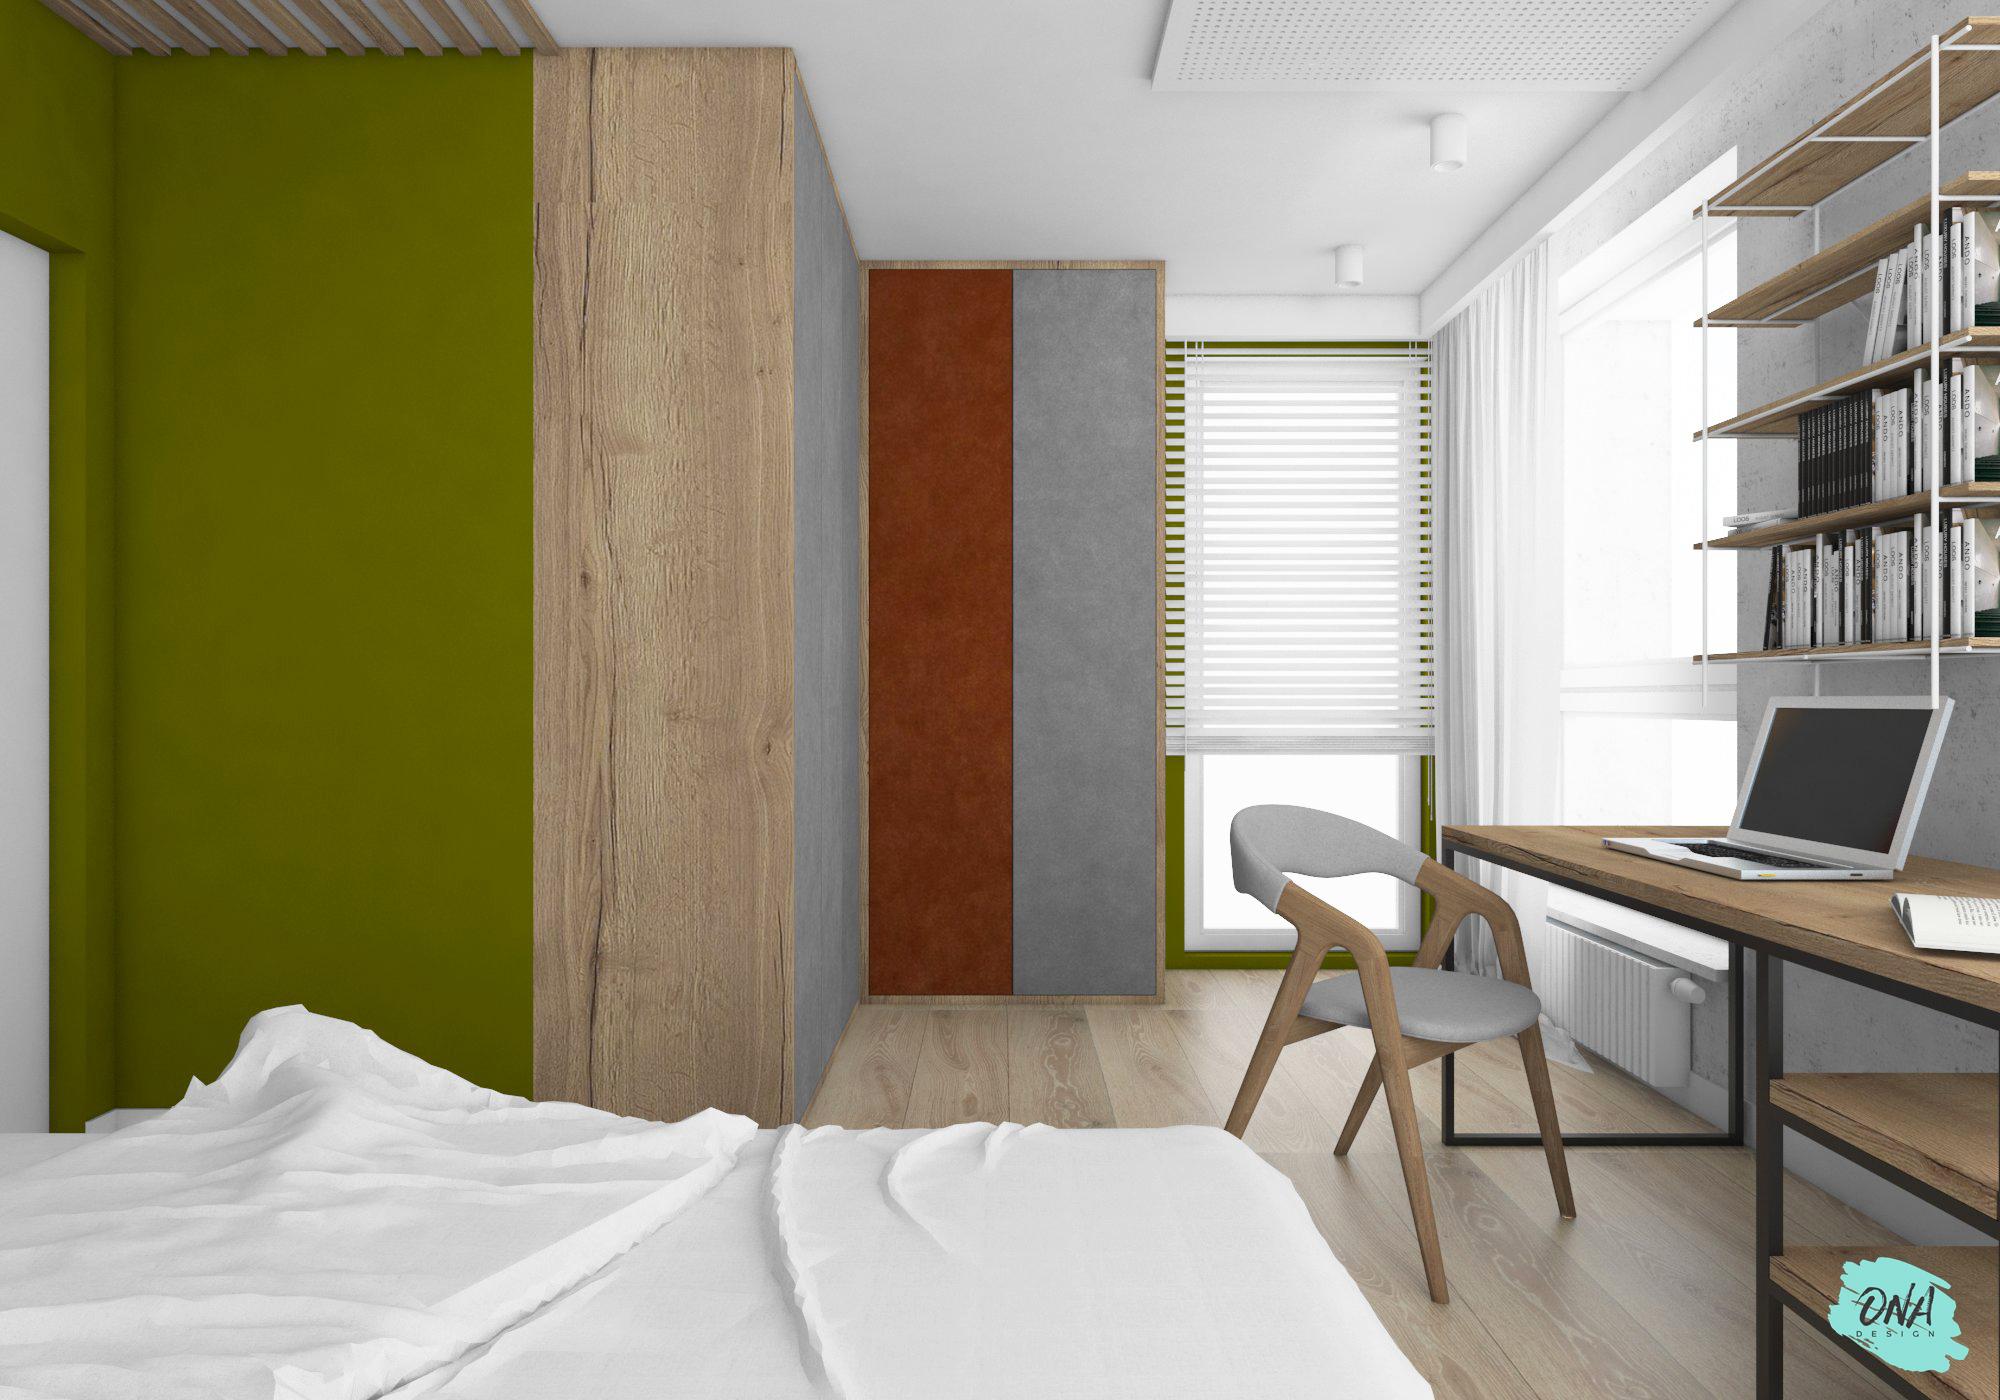 garderoba i biurko w nowoczesnej sypialni